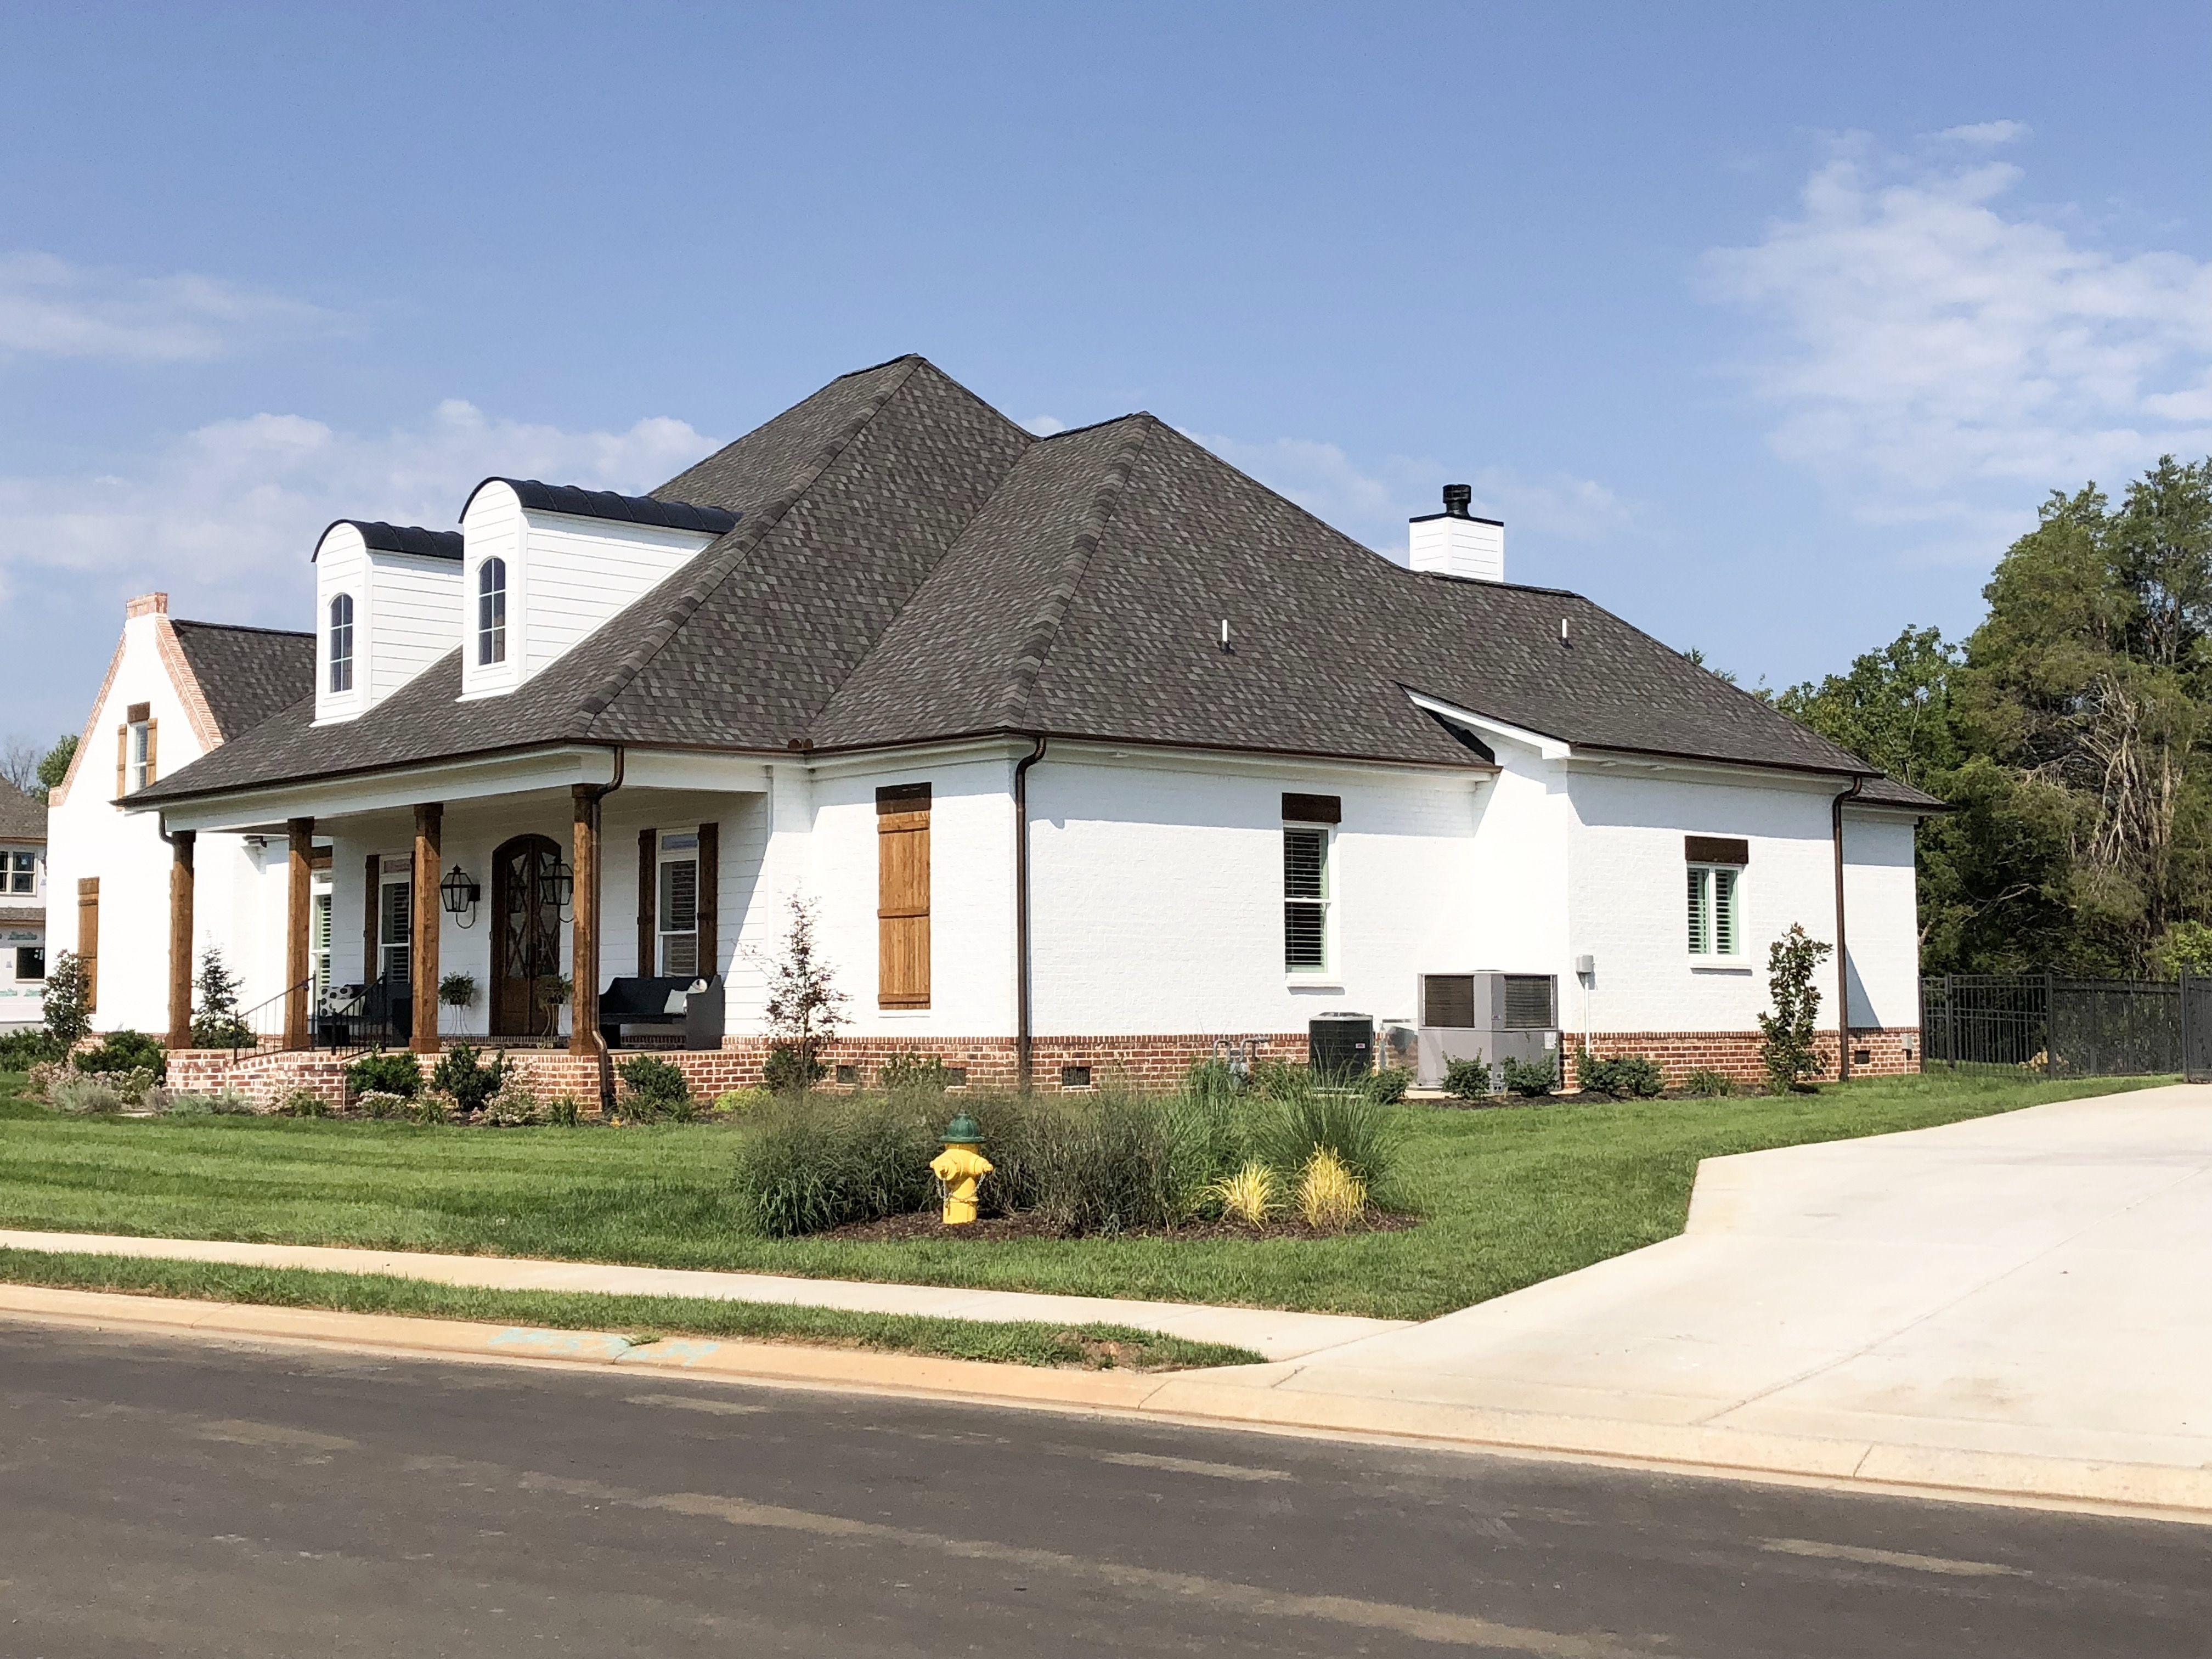 Painted White Brick House Painted White Brick House White Brick